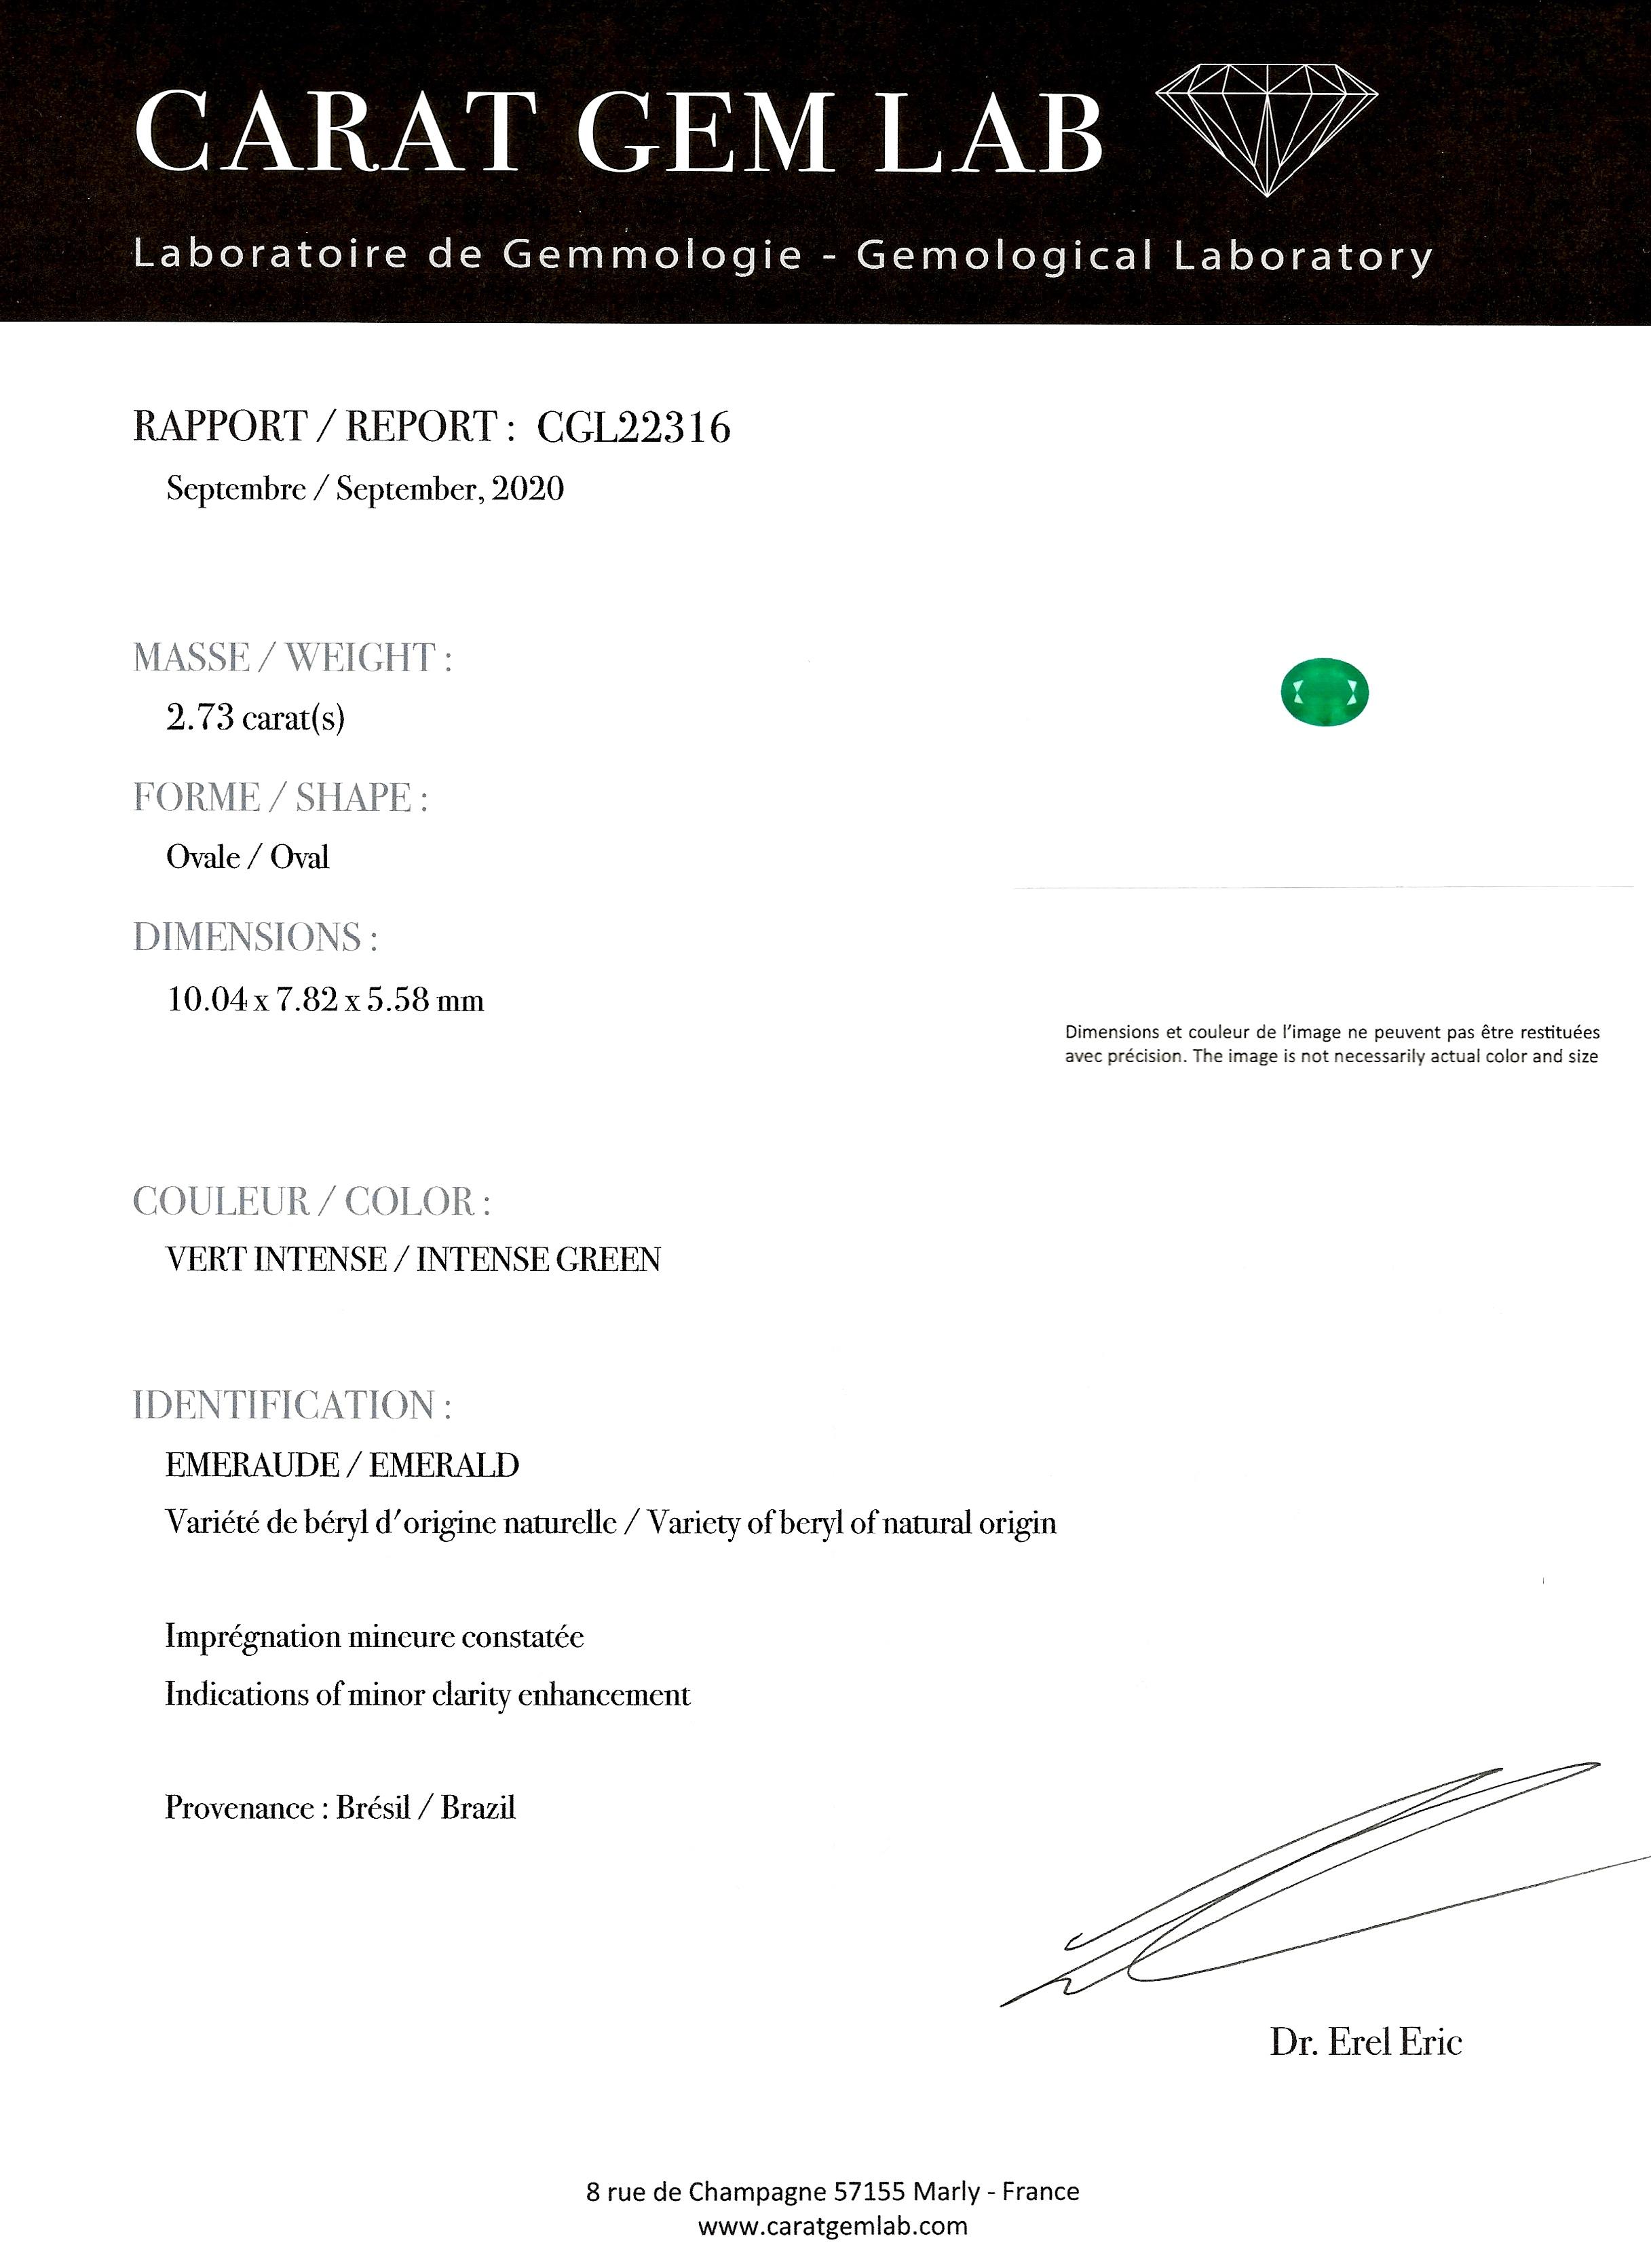 Bague émeraude vert intense (certificat laboratoire) diamants début XXe siècle-5